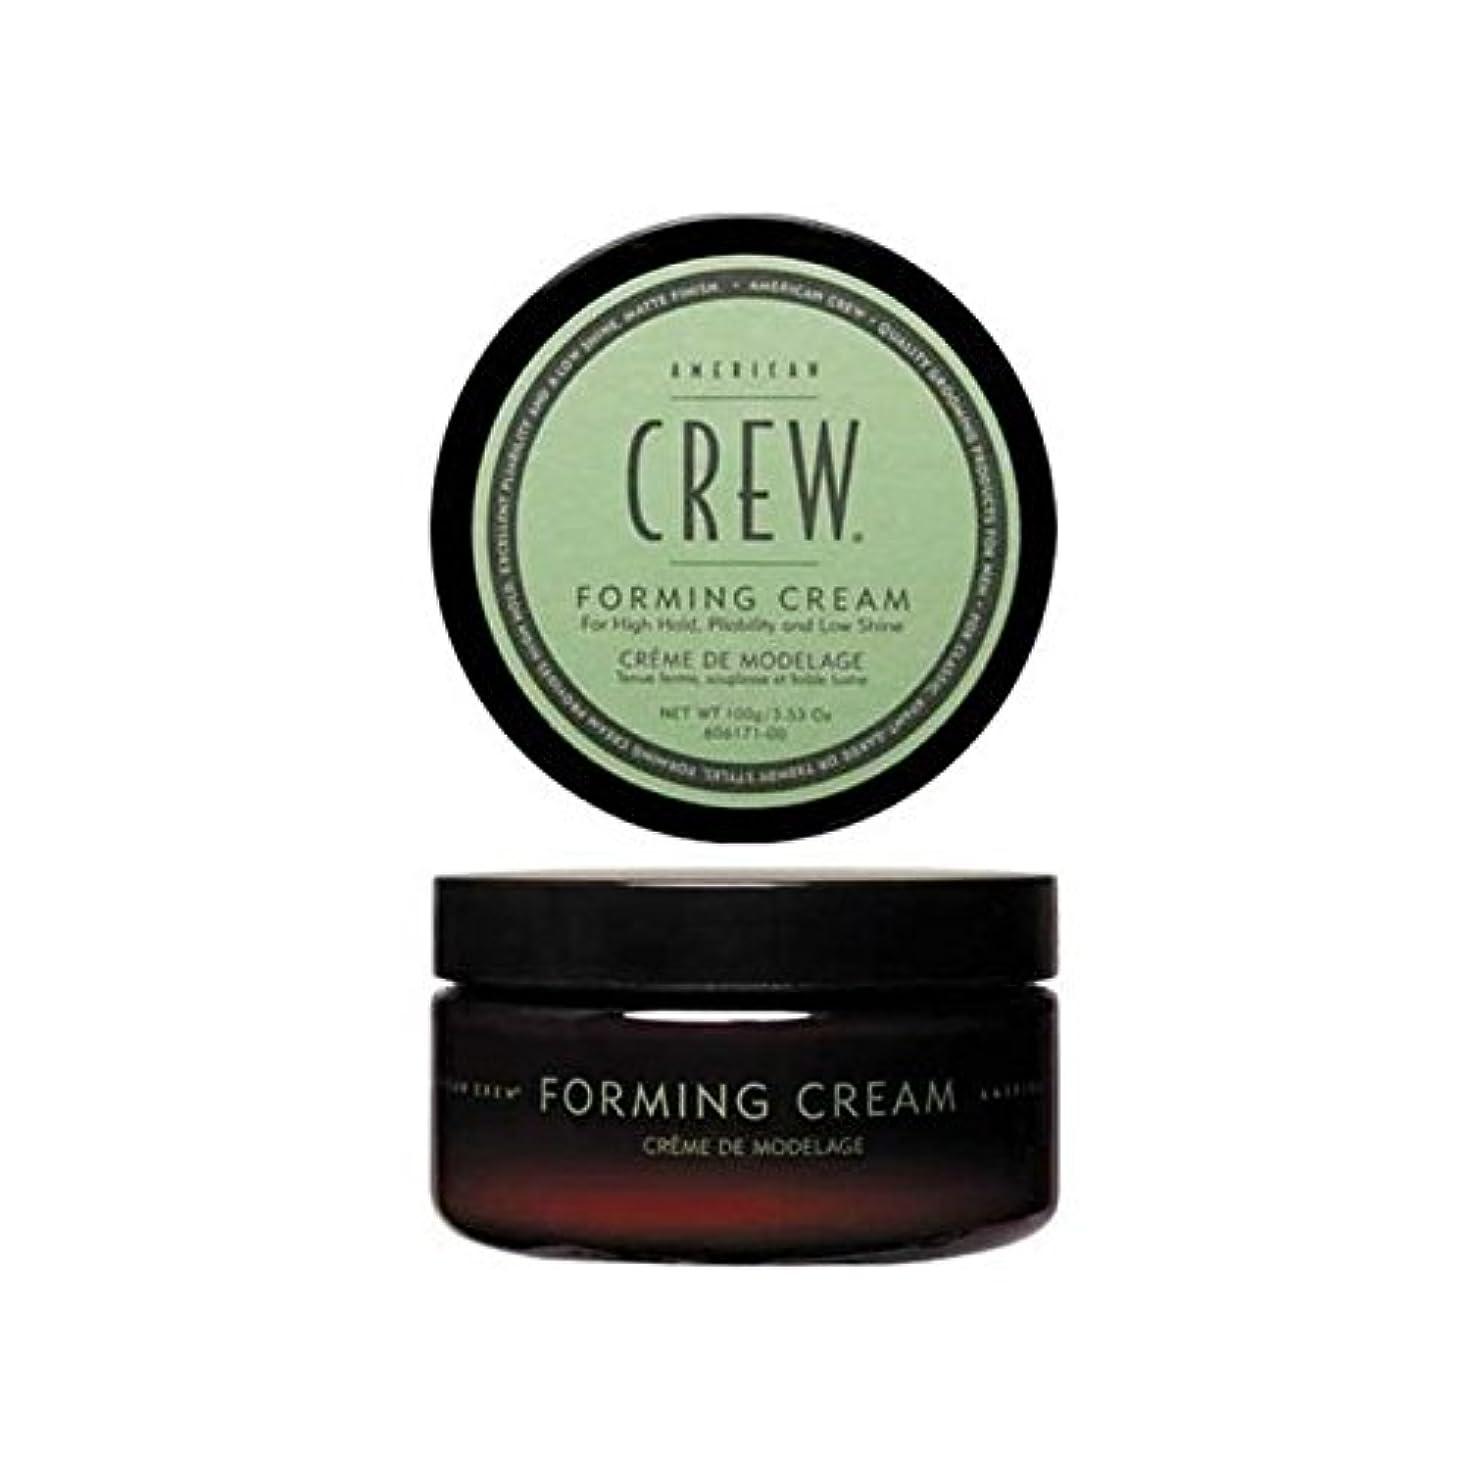 アメリカの乗組員形成クリーム(85グラム) x2 - American Crew Forming Cream (85G) (Pack of 2) [並行輸入品]